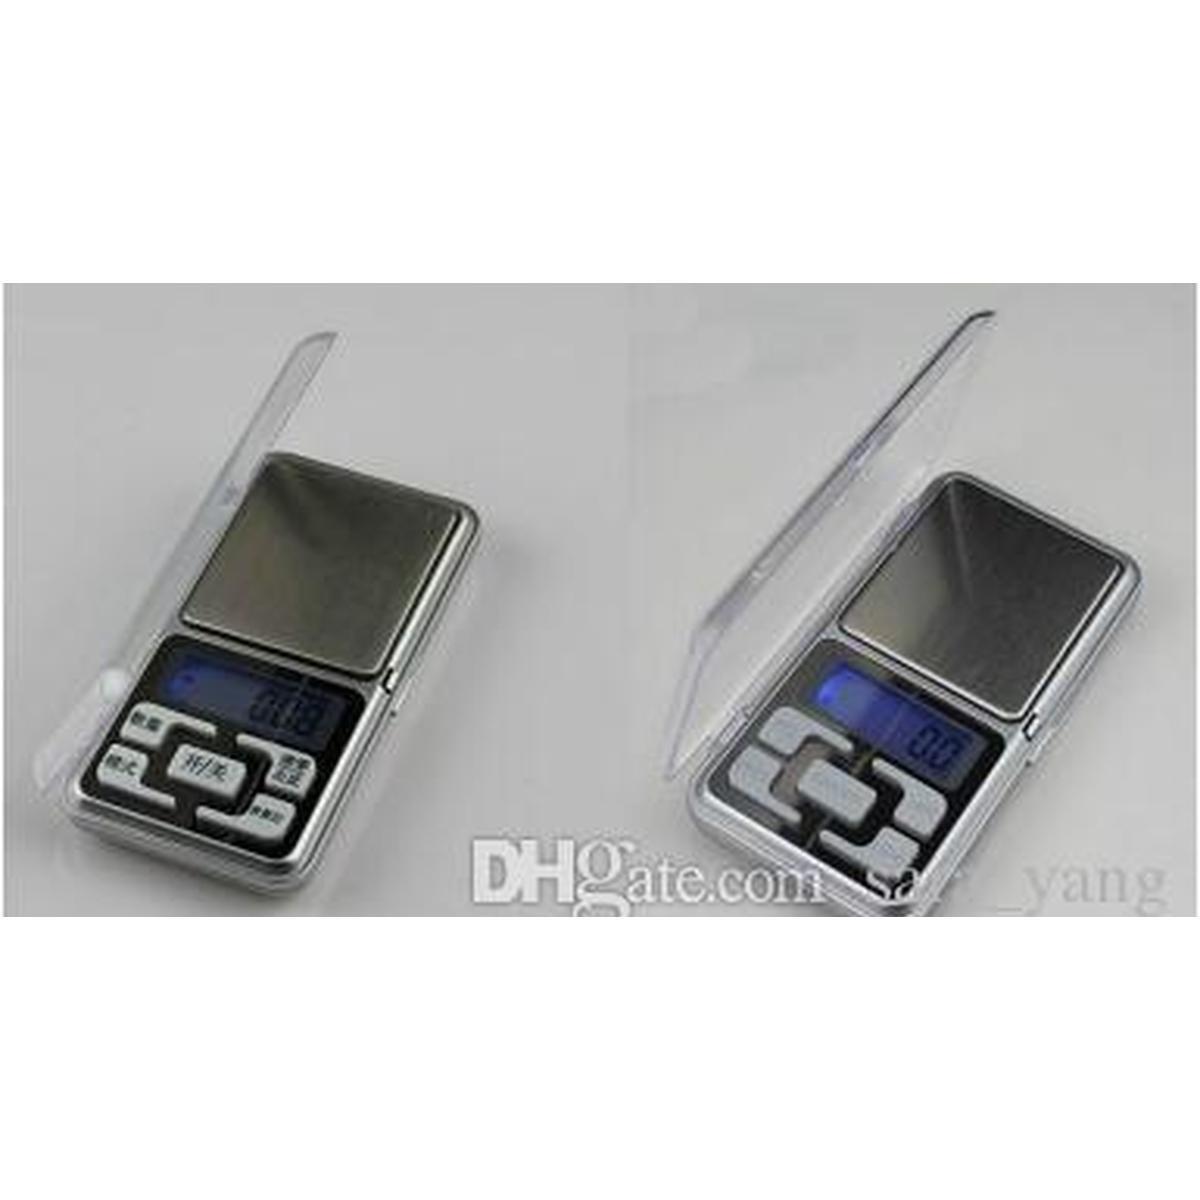 200 ADET Elektronik LCD Ekran Ölçeği Mini Cep Dijital Ölçekli 200g * 0.01g Tartım Ölçeği Ağırlık Ölçeği WMTWON HOMES2007